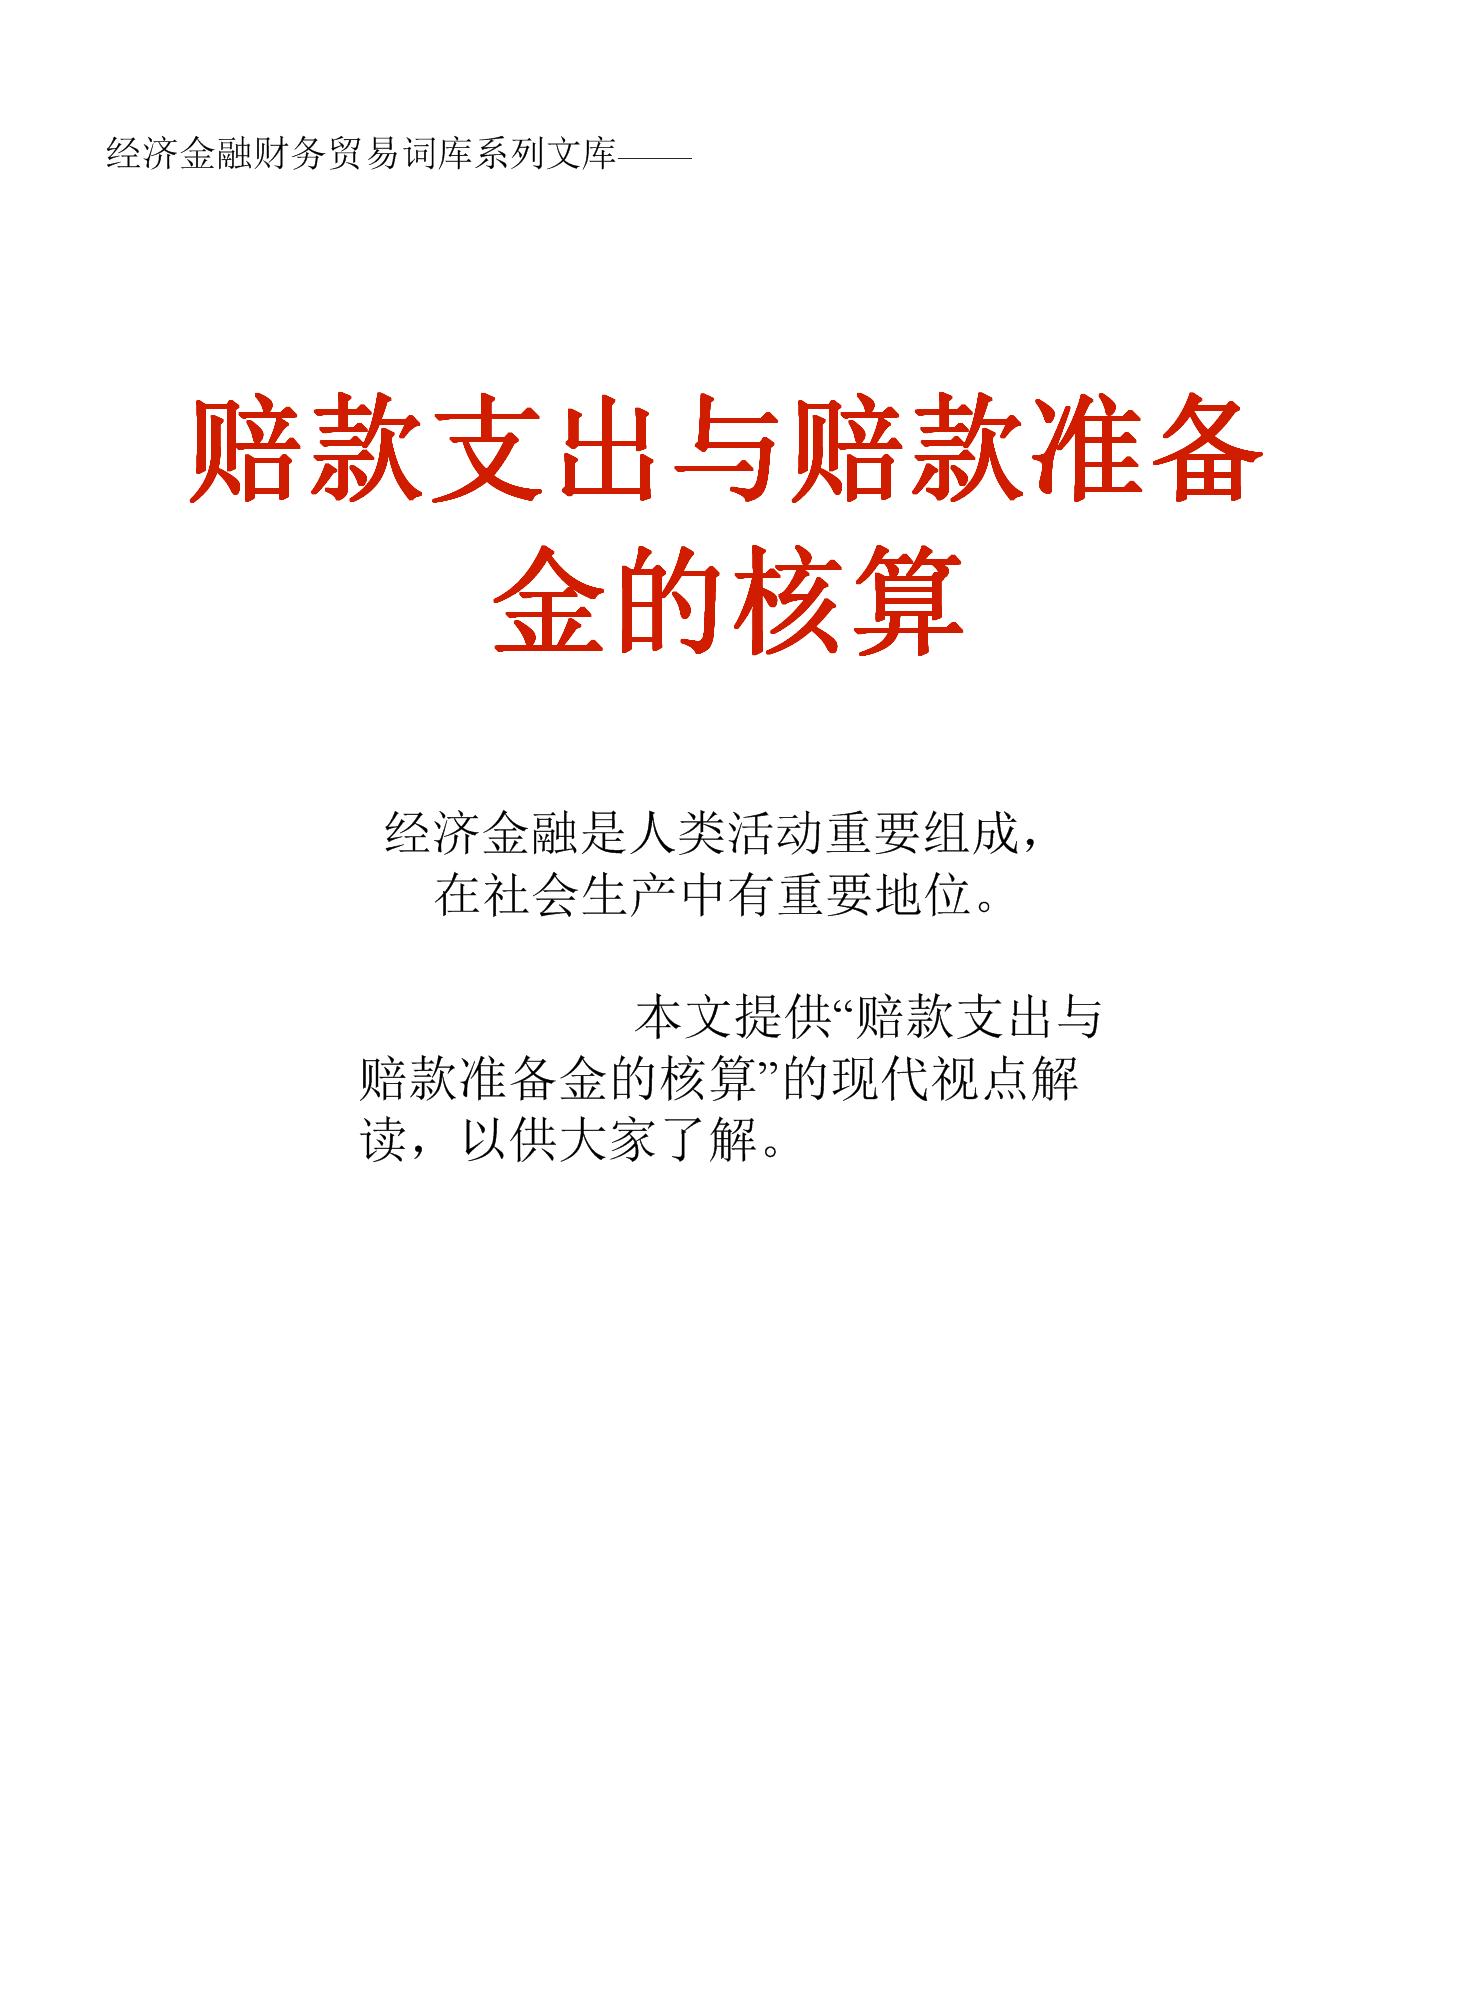 经济金融财务贸易词库:赔款支出与赔款准备金的核算.doc